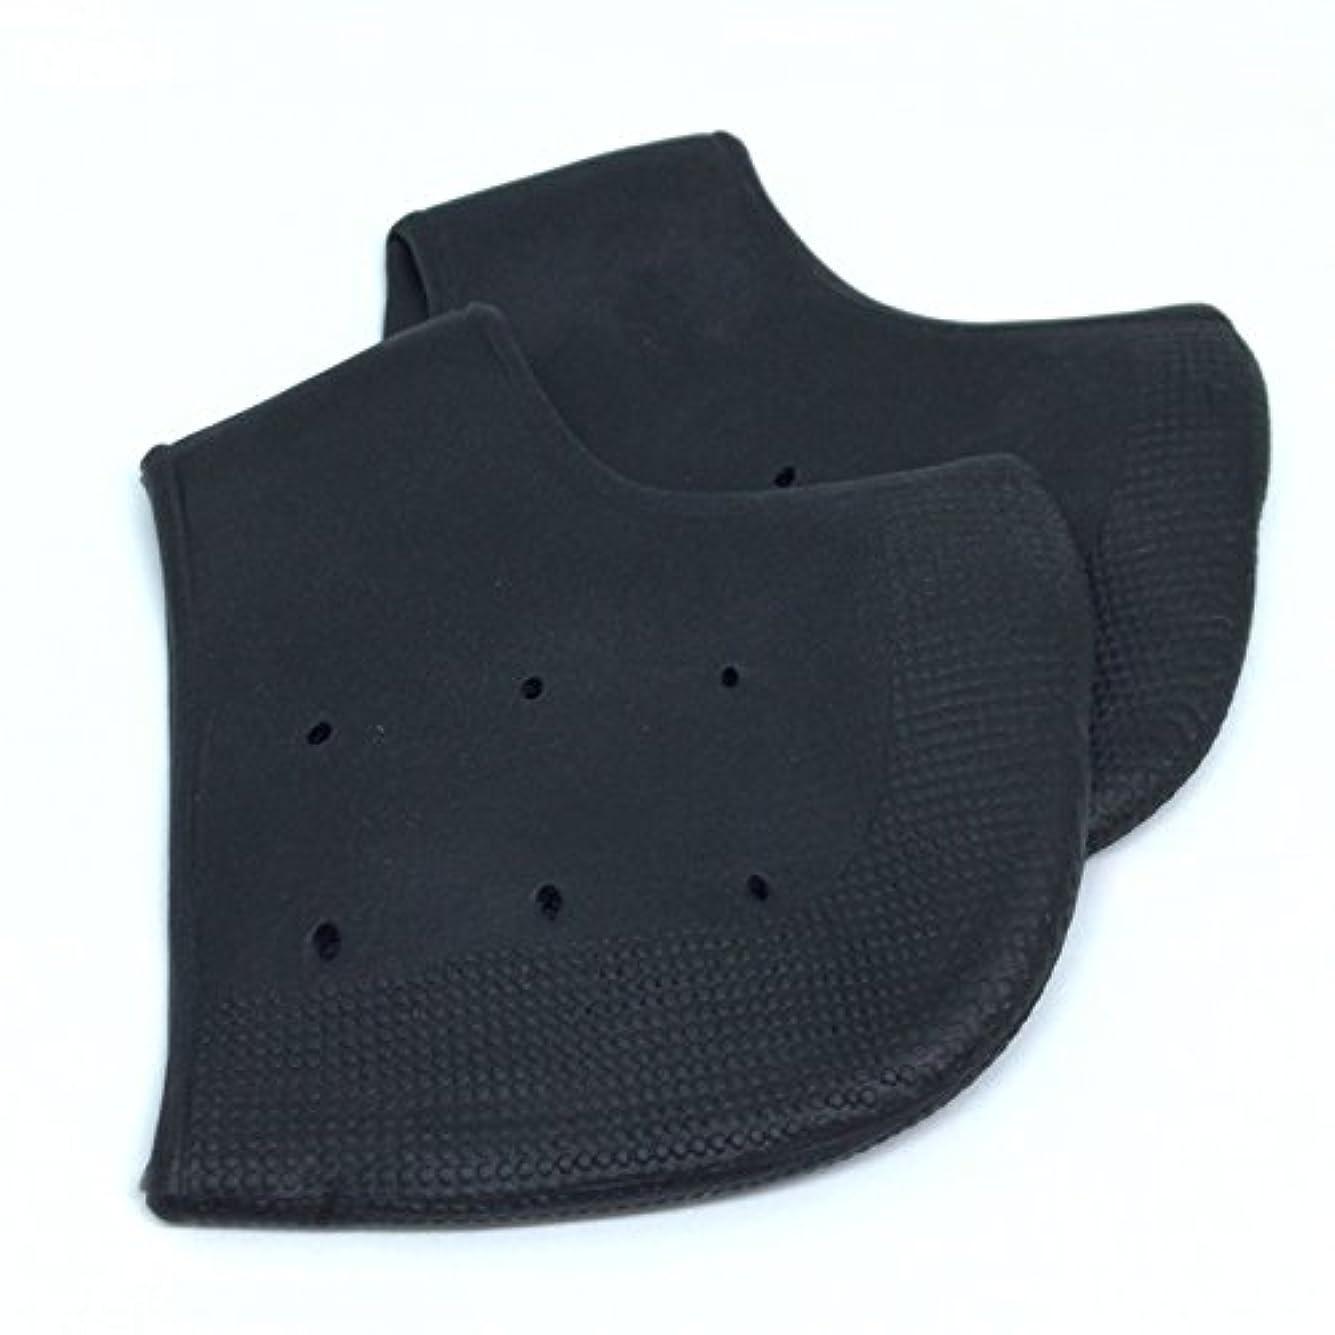 カートリッジお尻スタッフFu-Memo 足底筋膜炎 成長痛 痛み 軽減 シリコン ジェル カバーかかと 保護 パッド 左右セット (黒色)